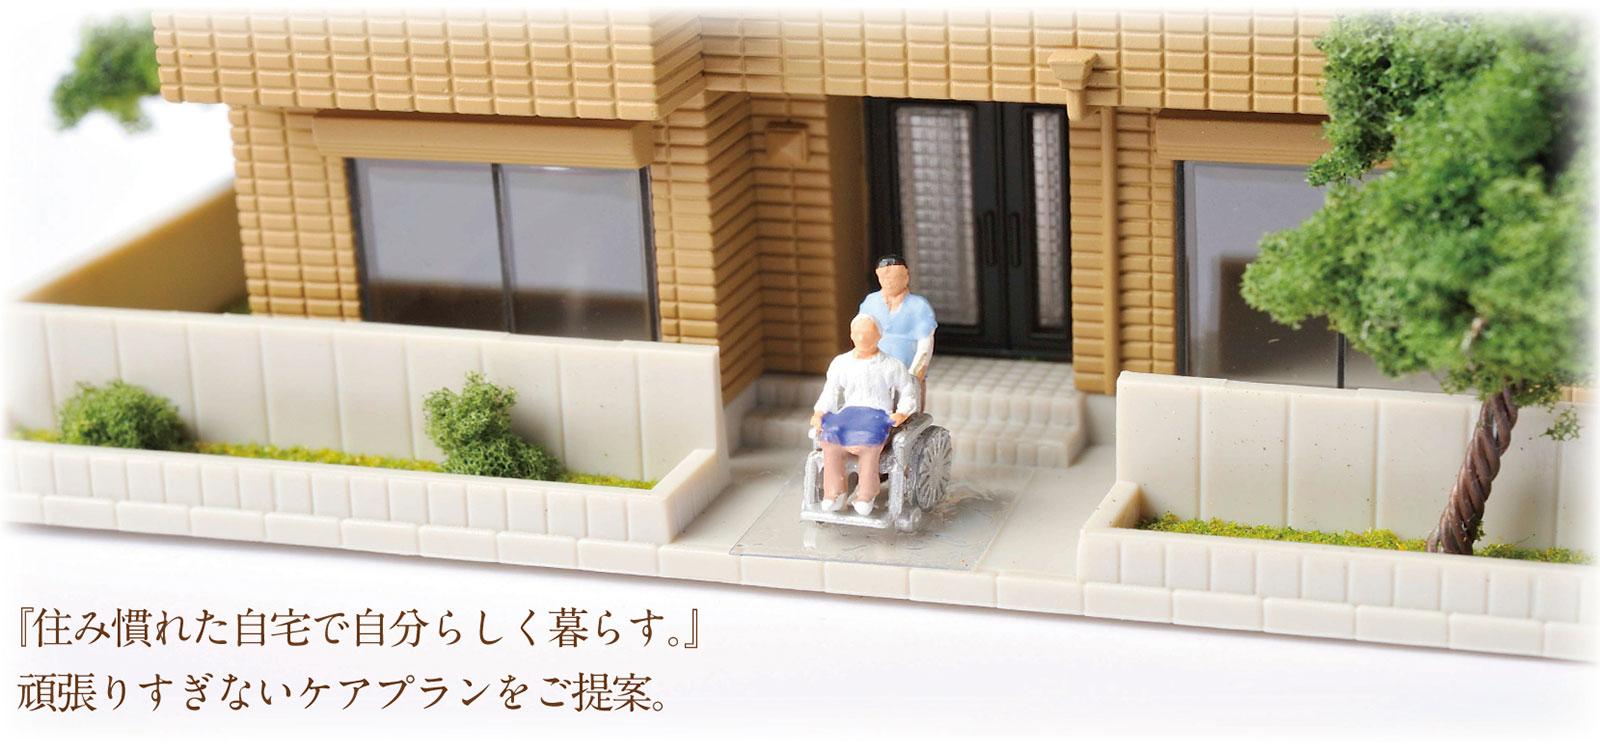 『住み慣れた自宅で自分らしく暮らす。』 頑張りすぎないケアプランをご提案。